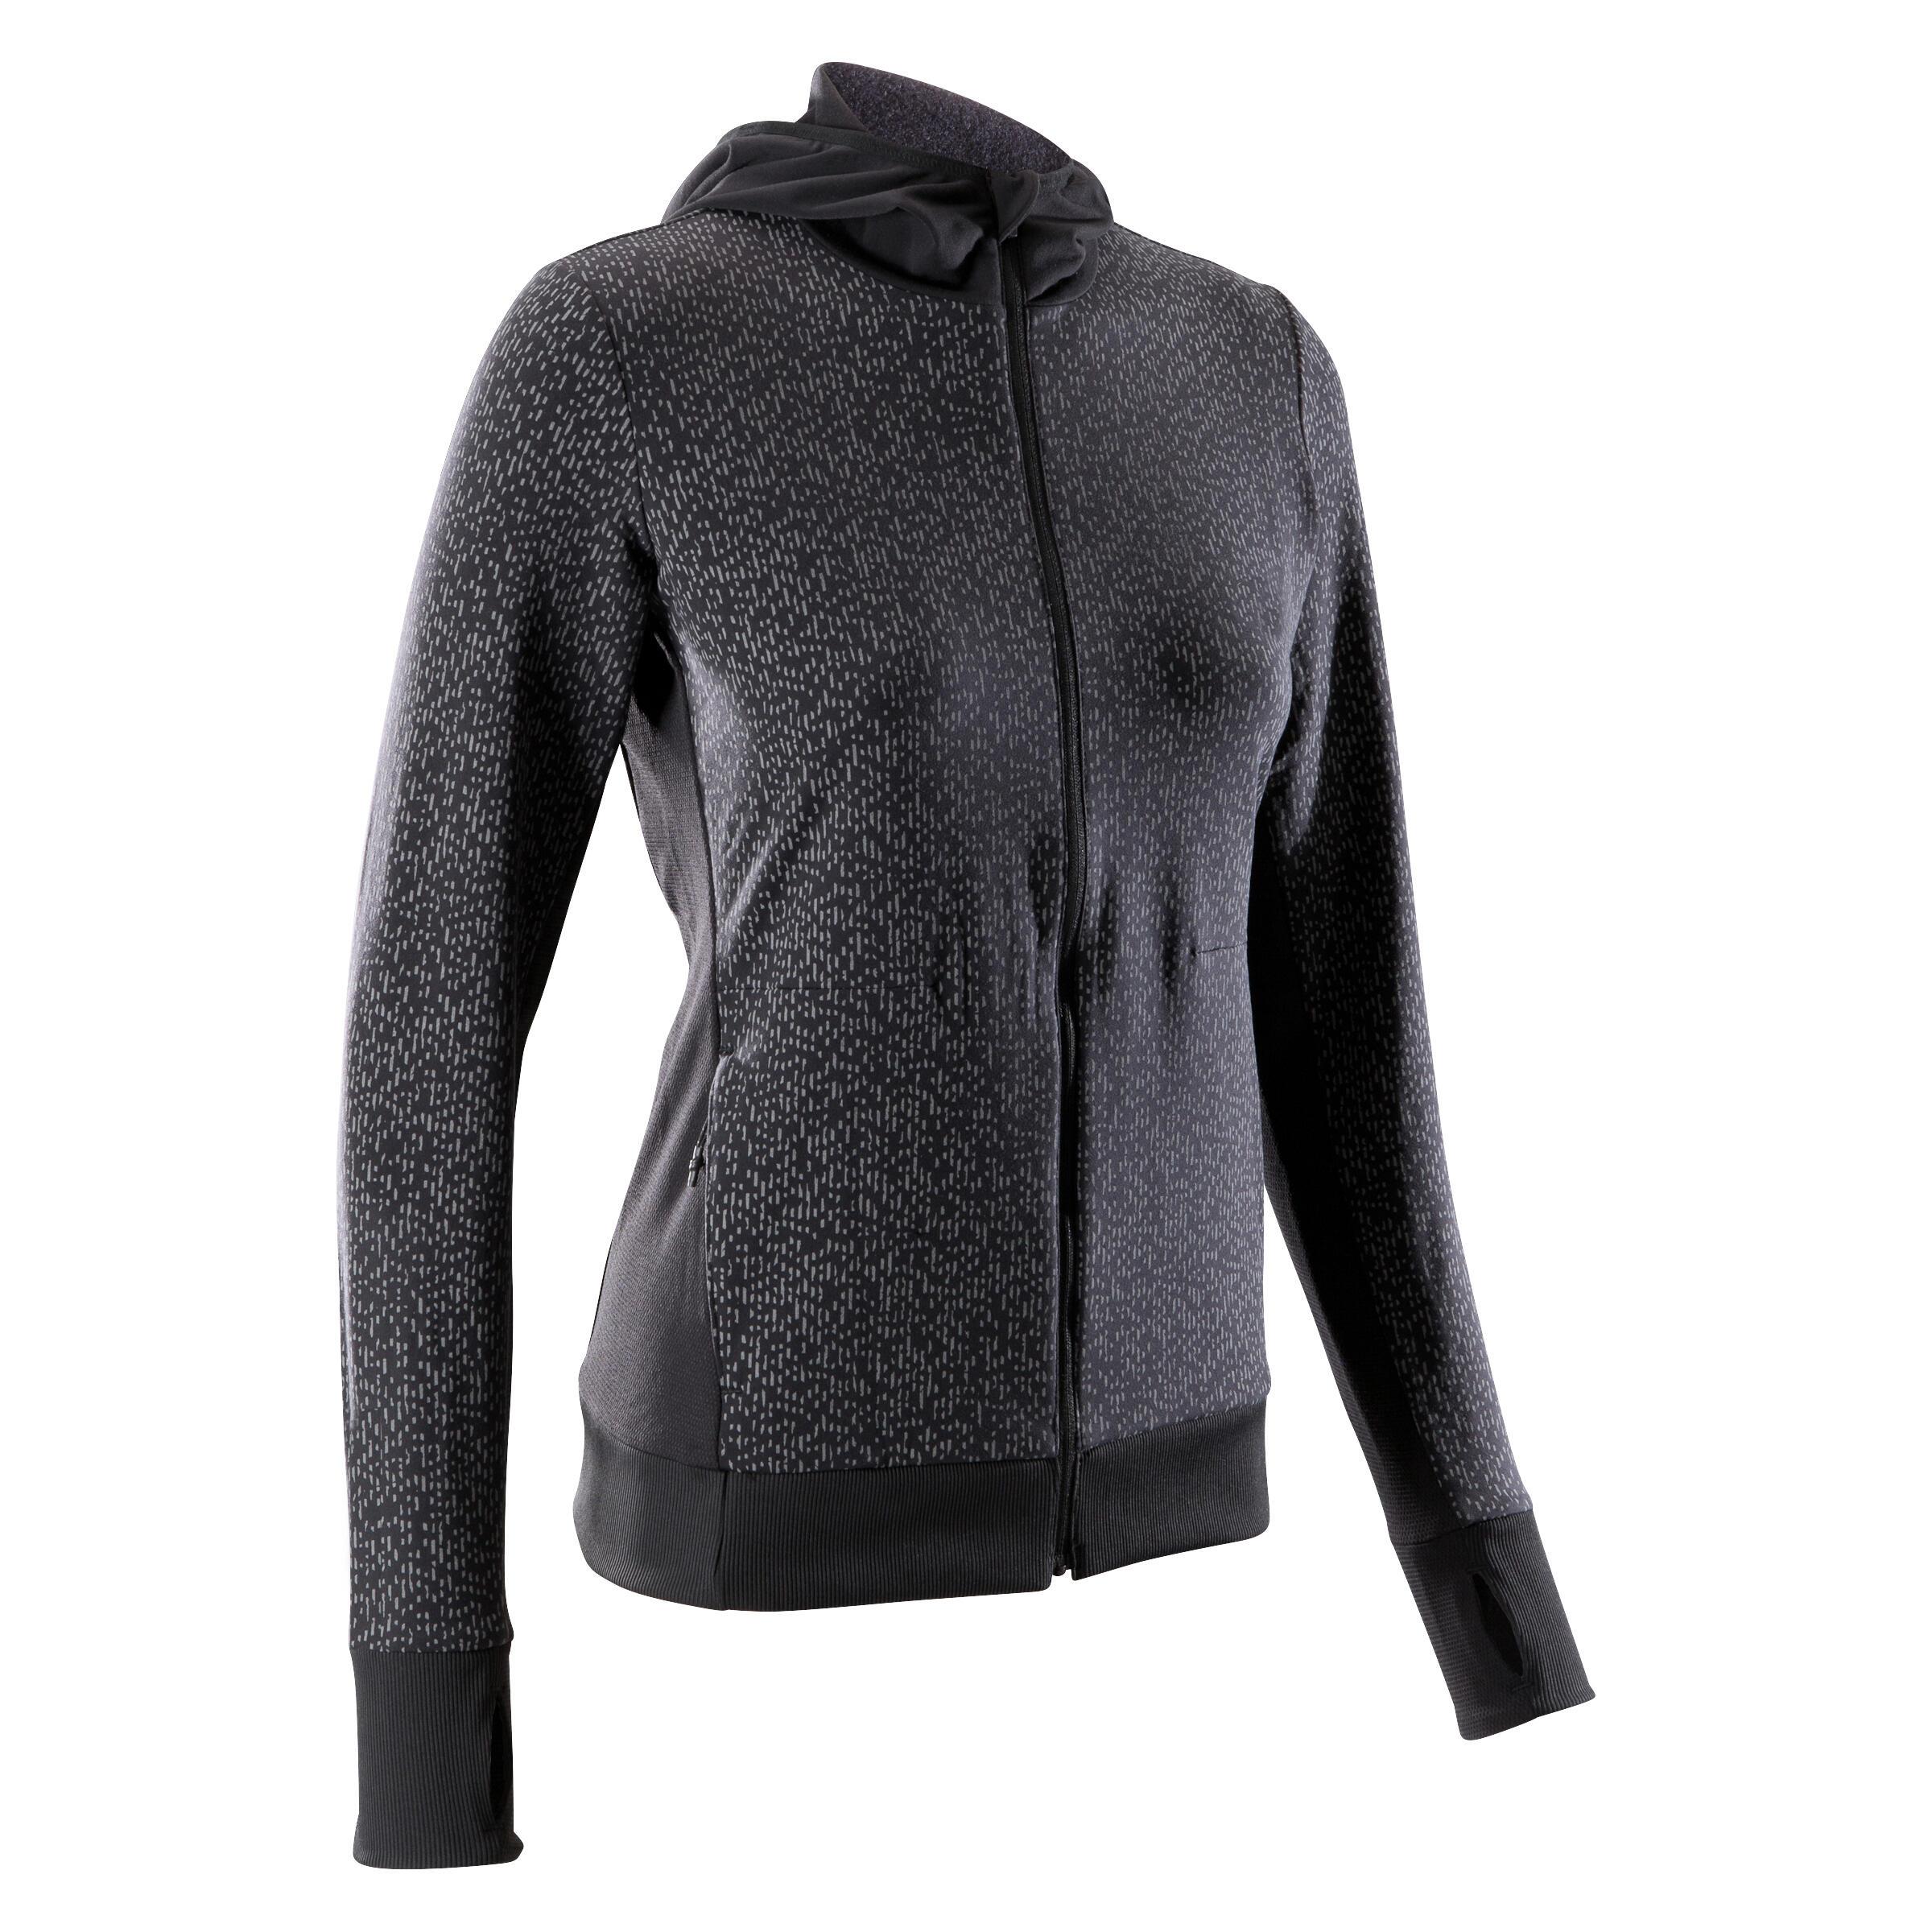 Beau design de gros meilleure sélection de Vestes de running et coupes-vent Femme | Decathlon